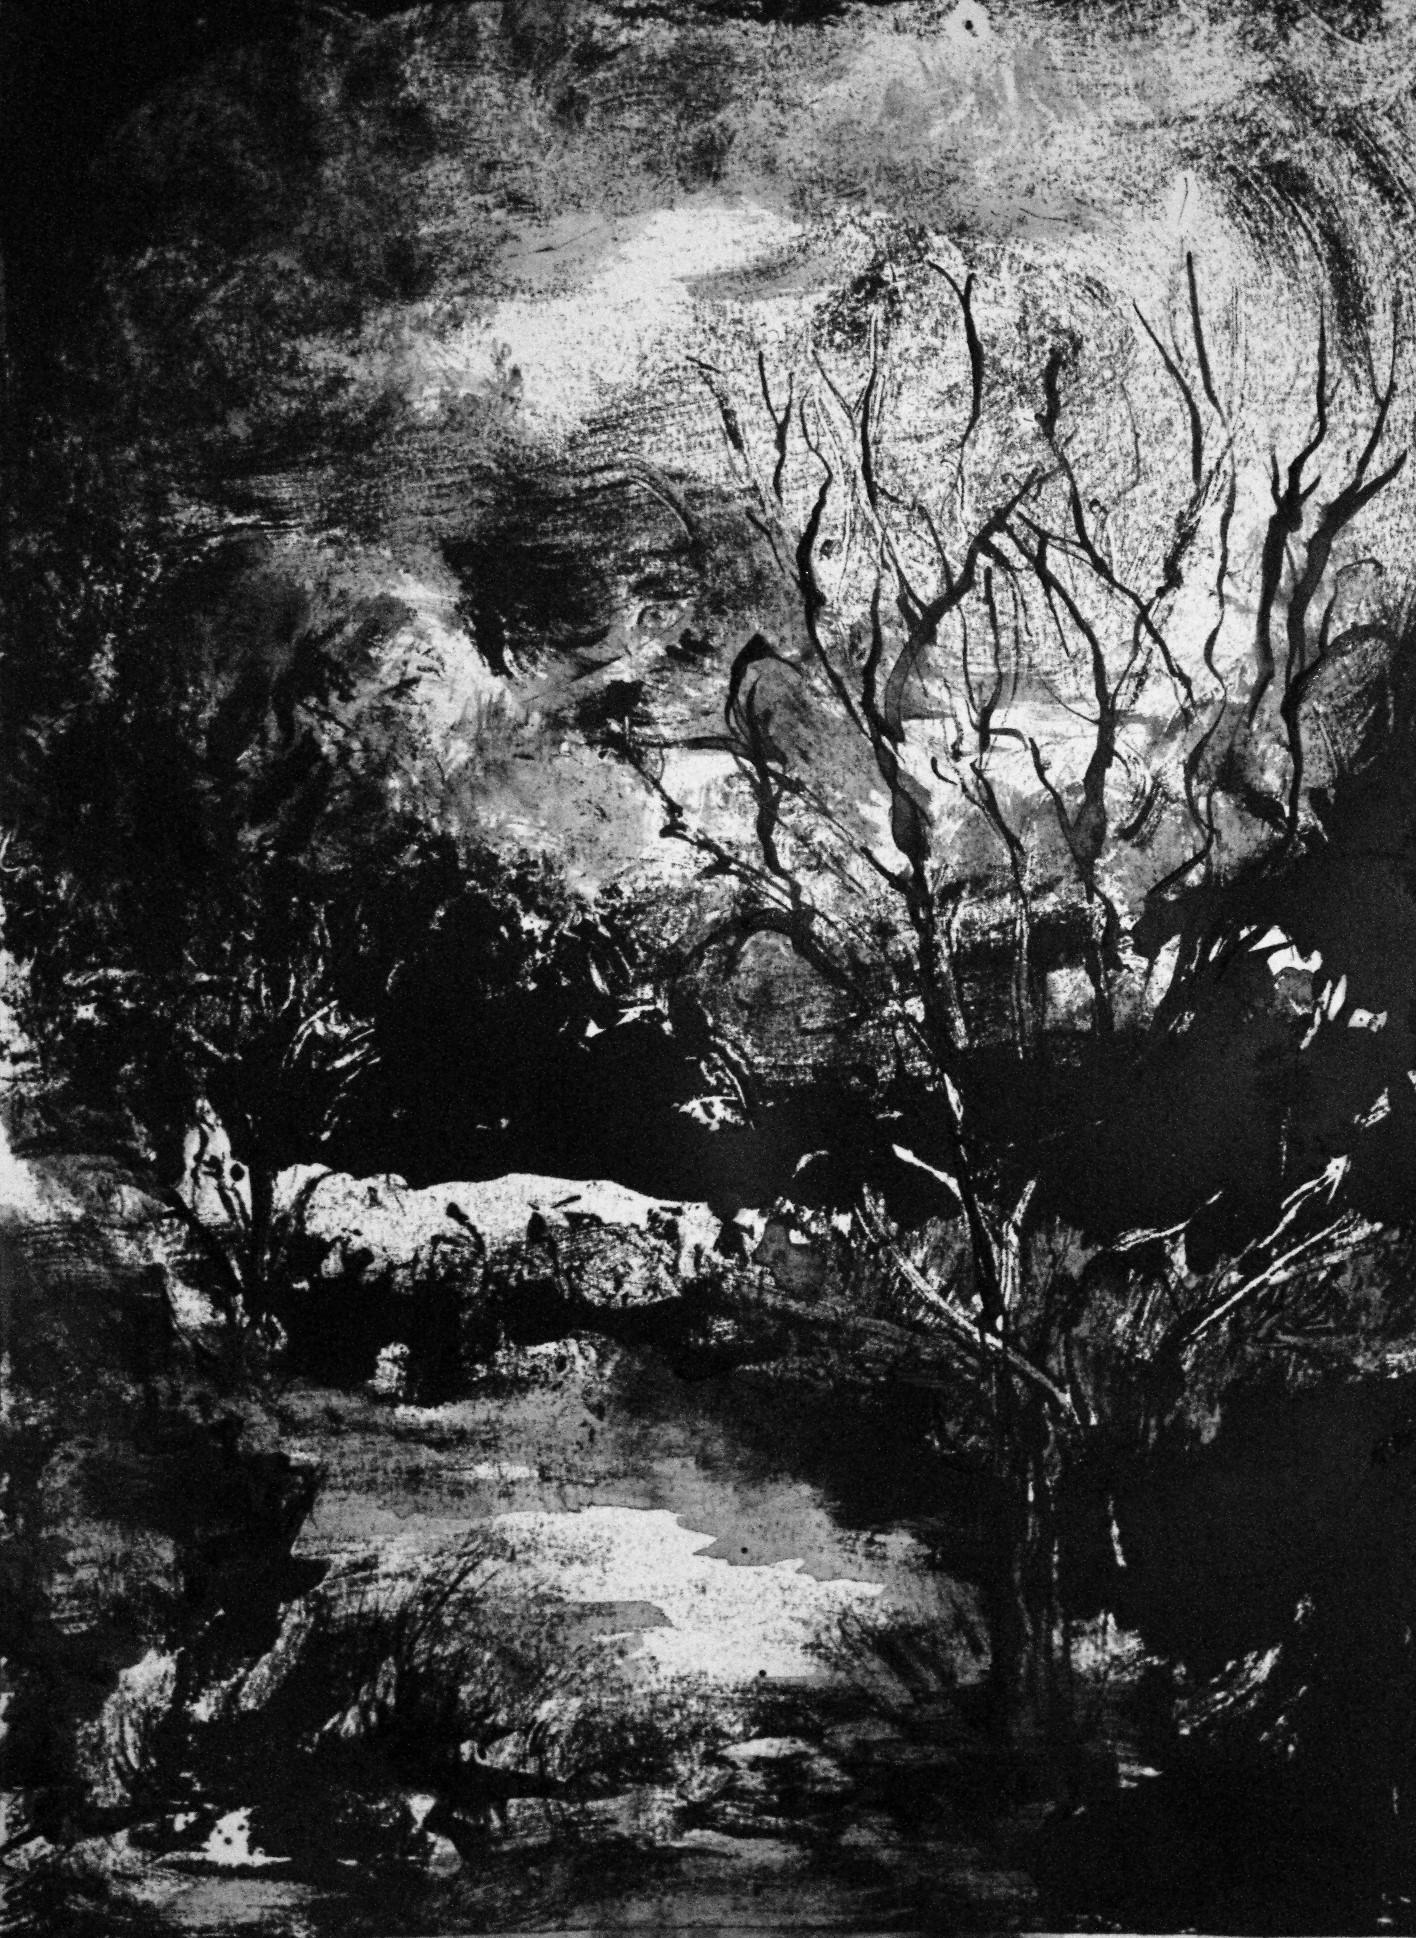 Lune, Monotype encre, 30x40 cm, 2018